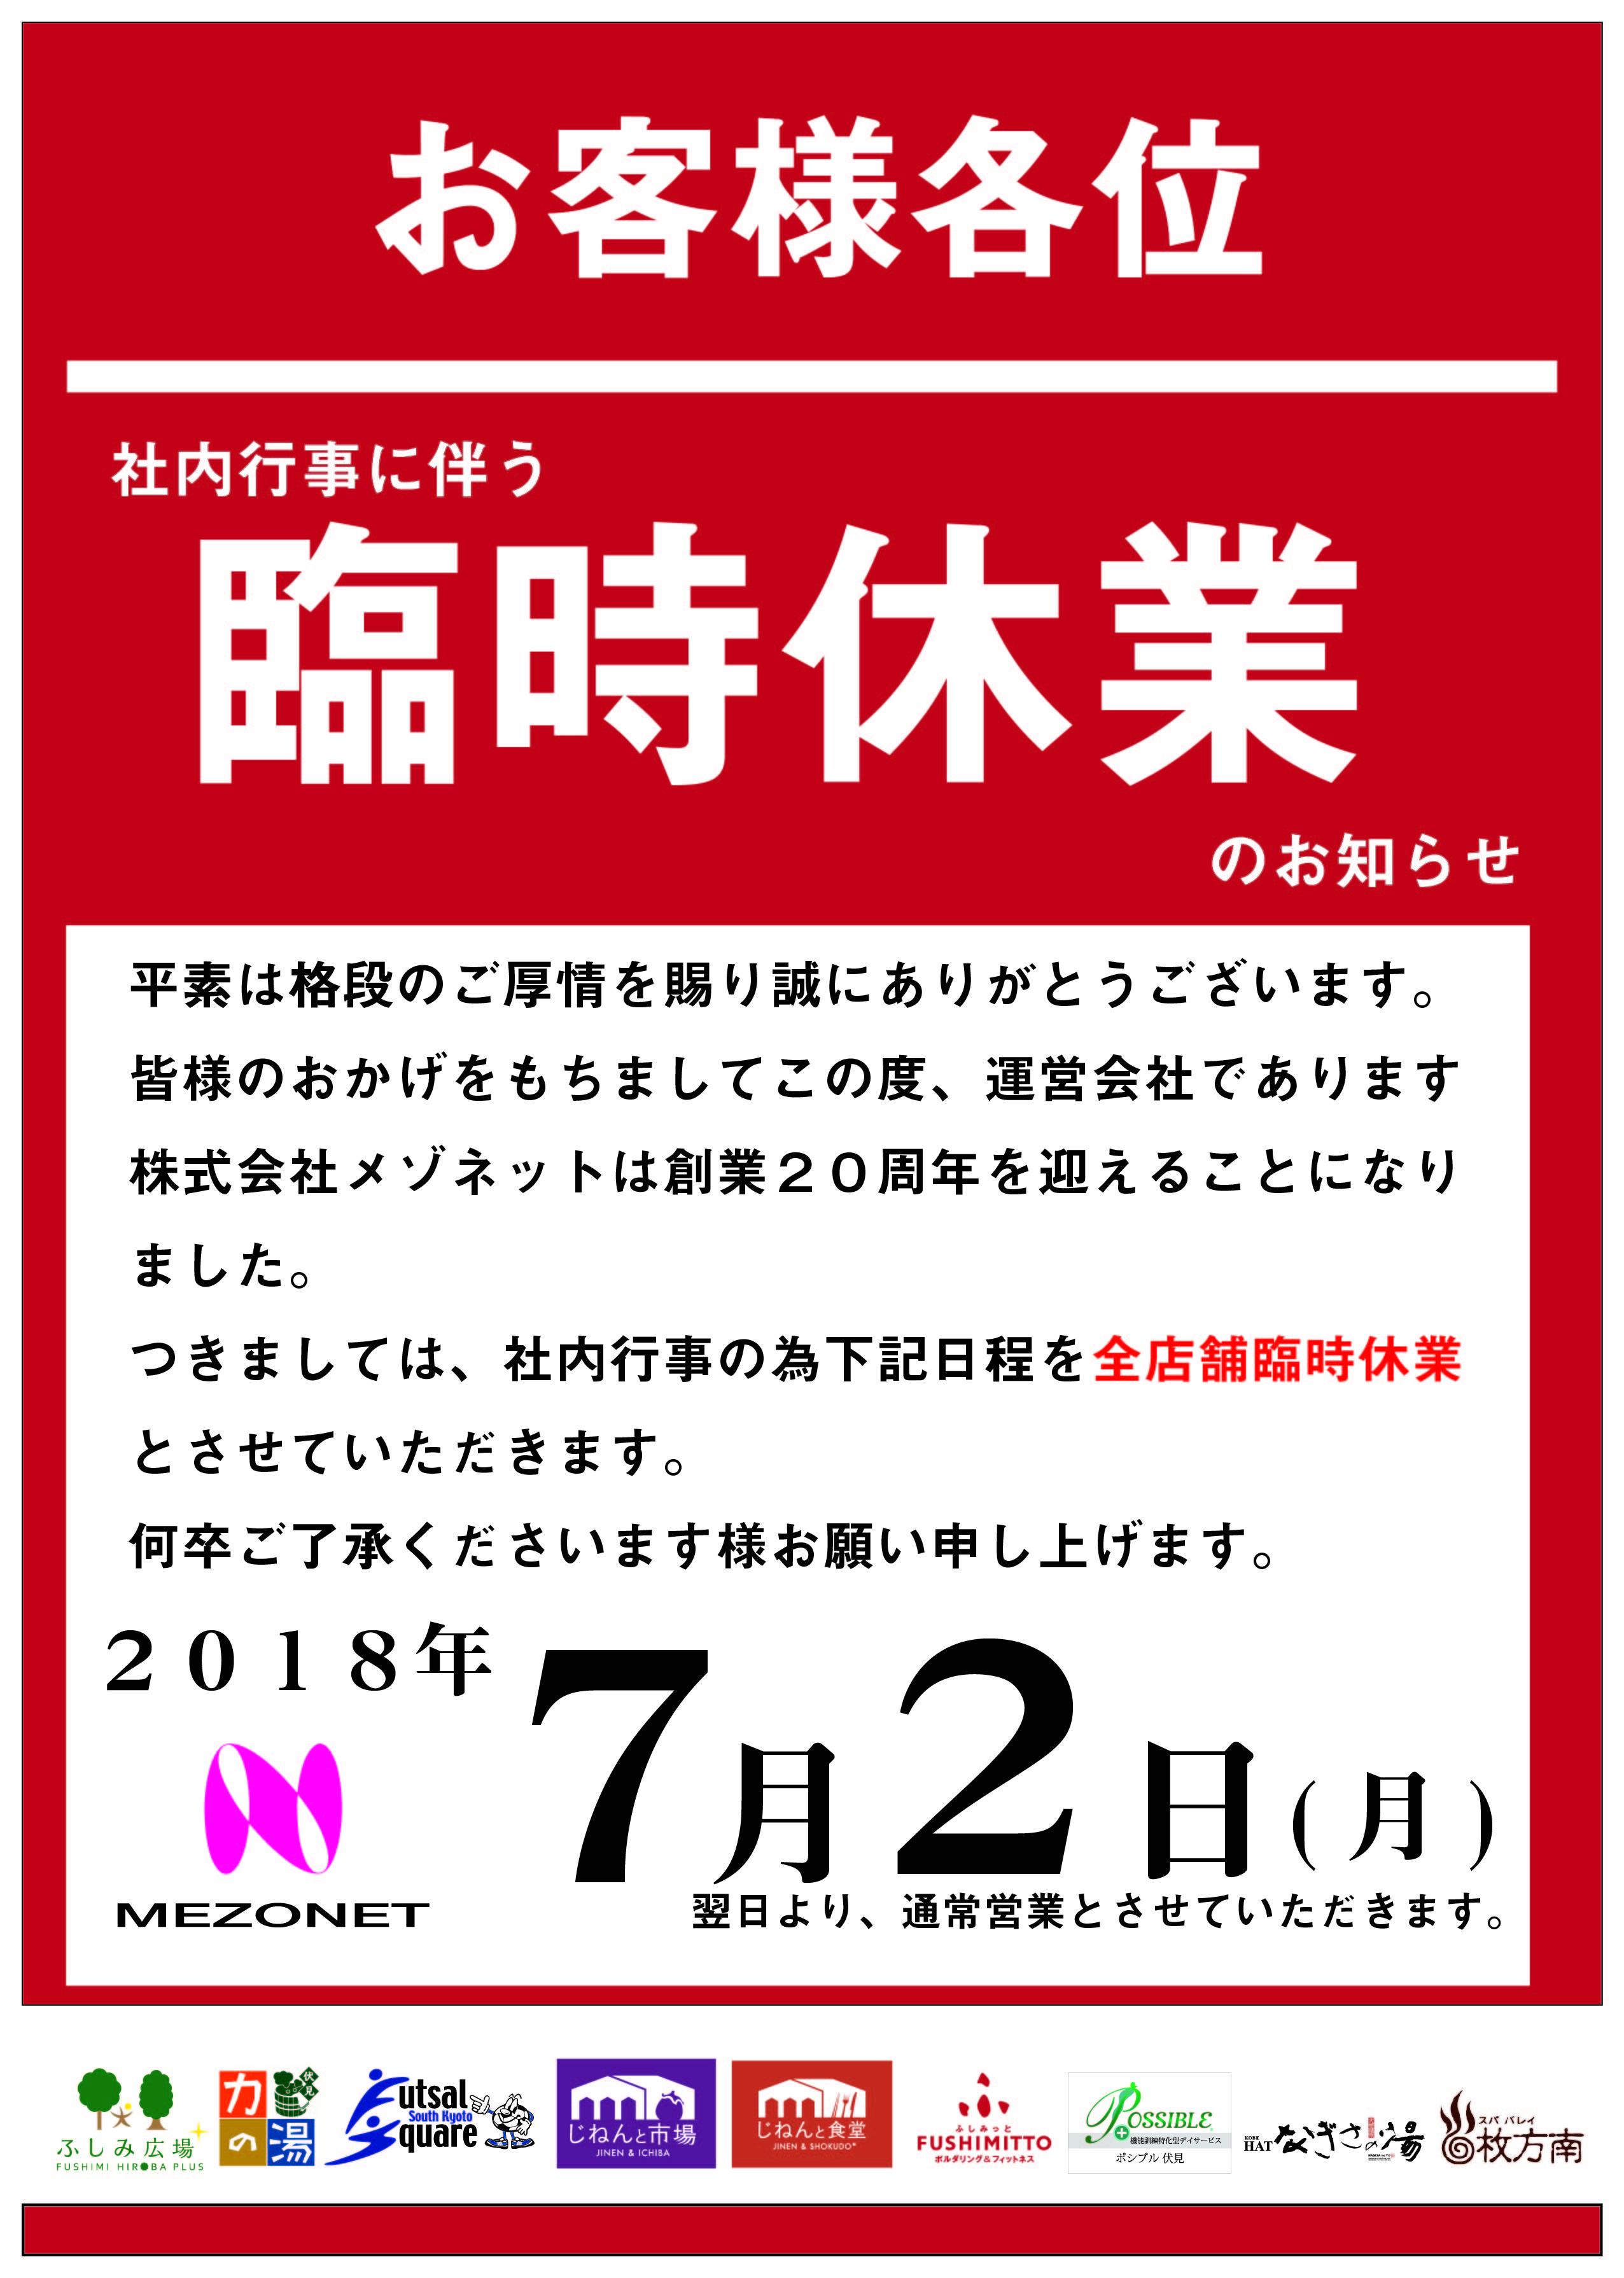 メゾネット20周年タテ